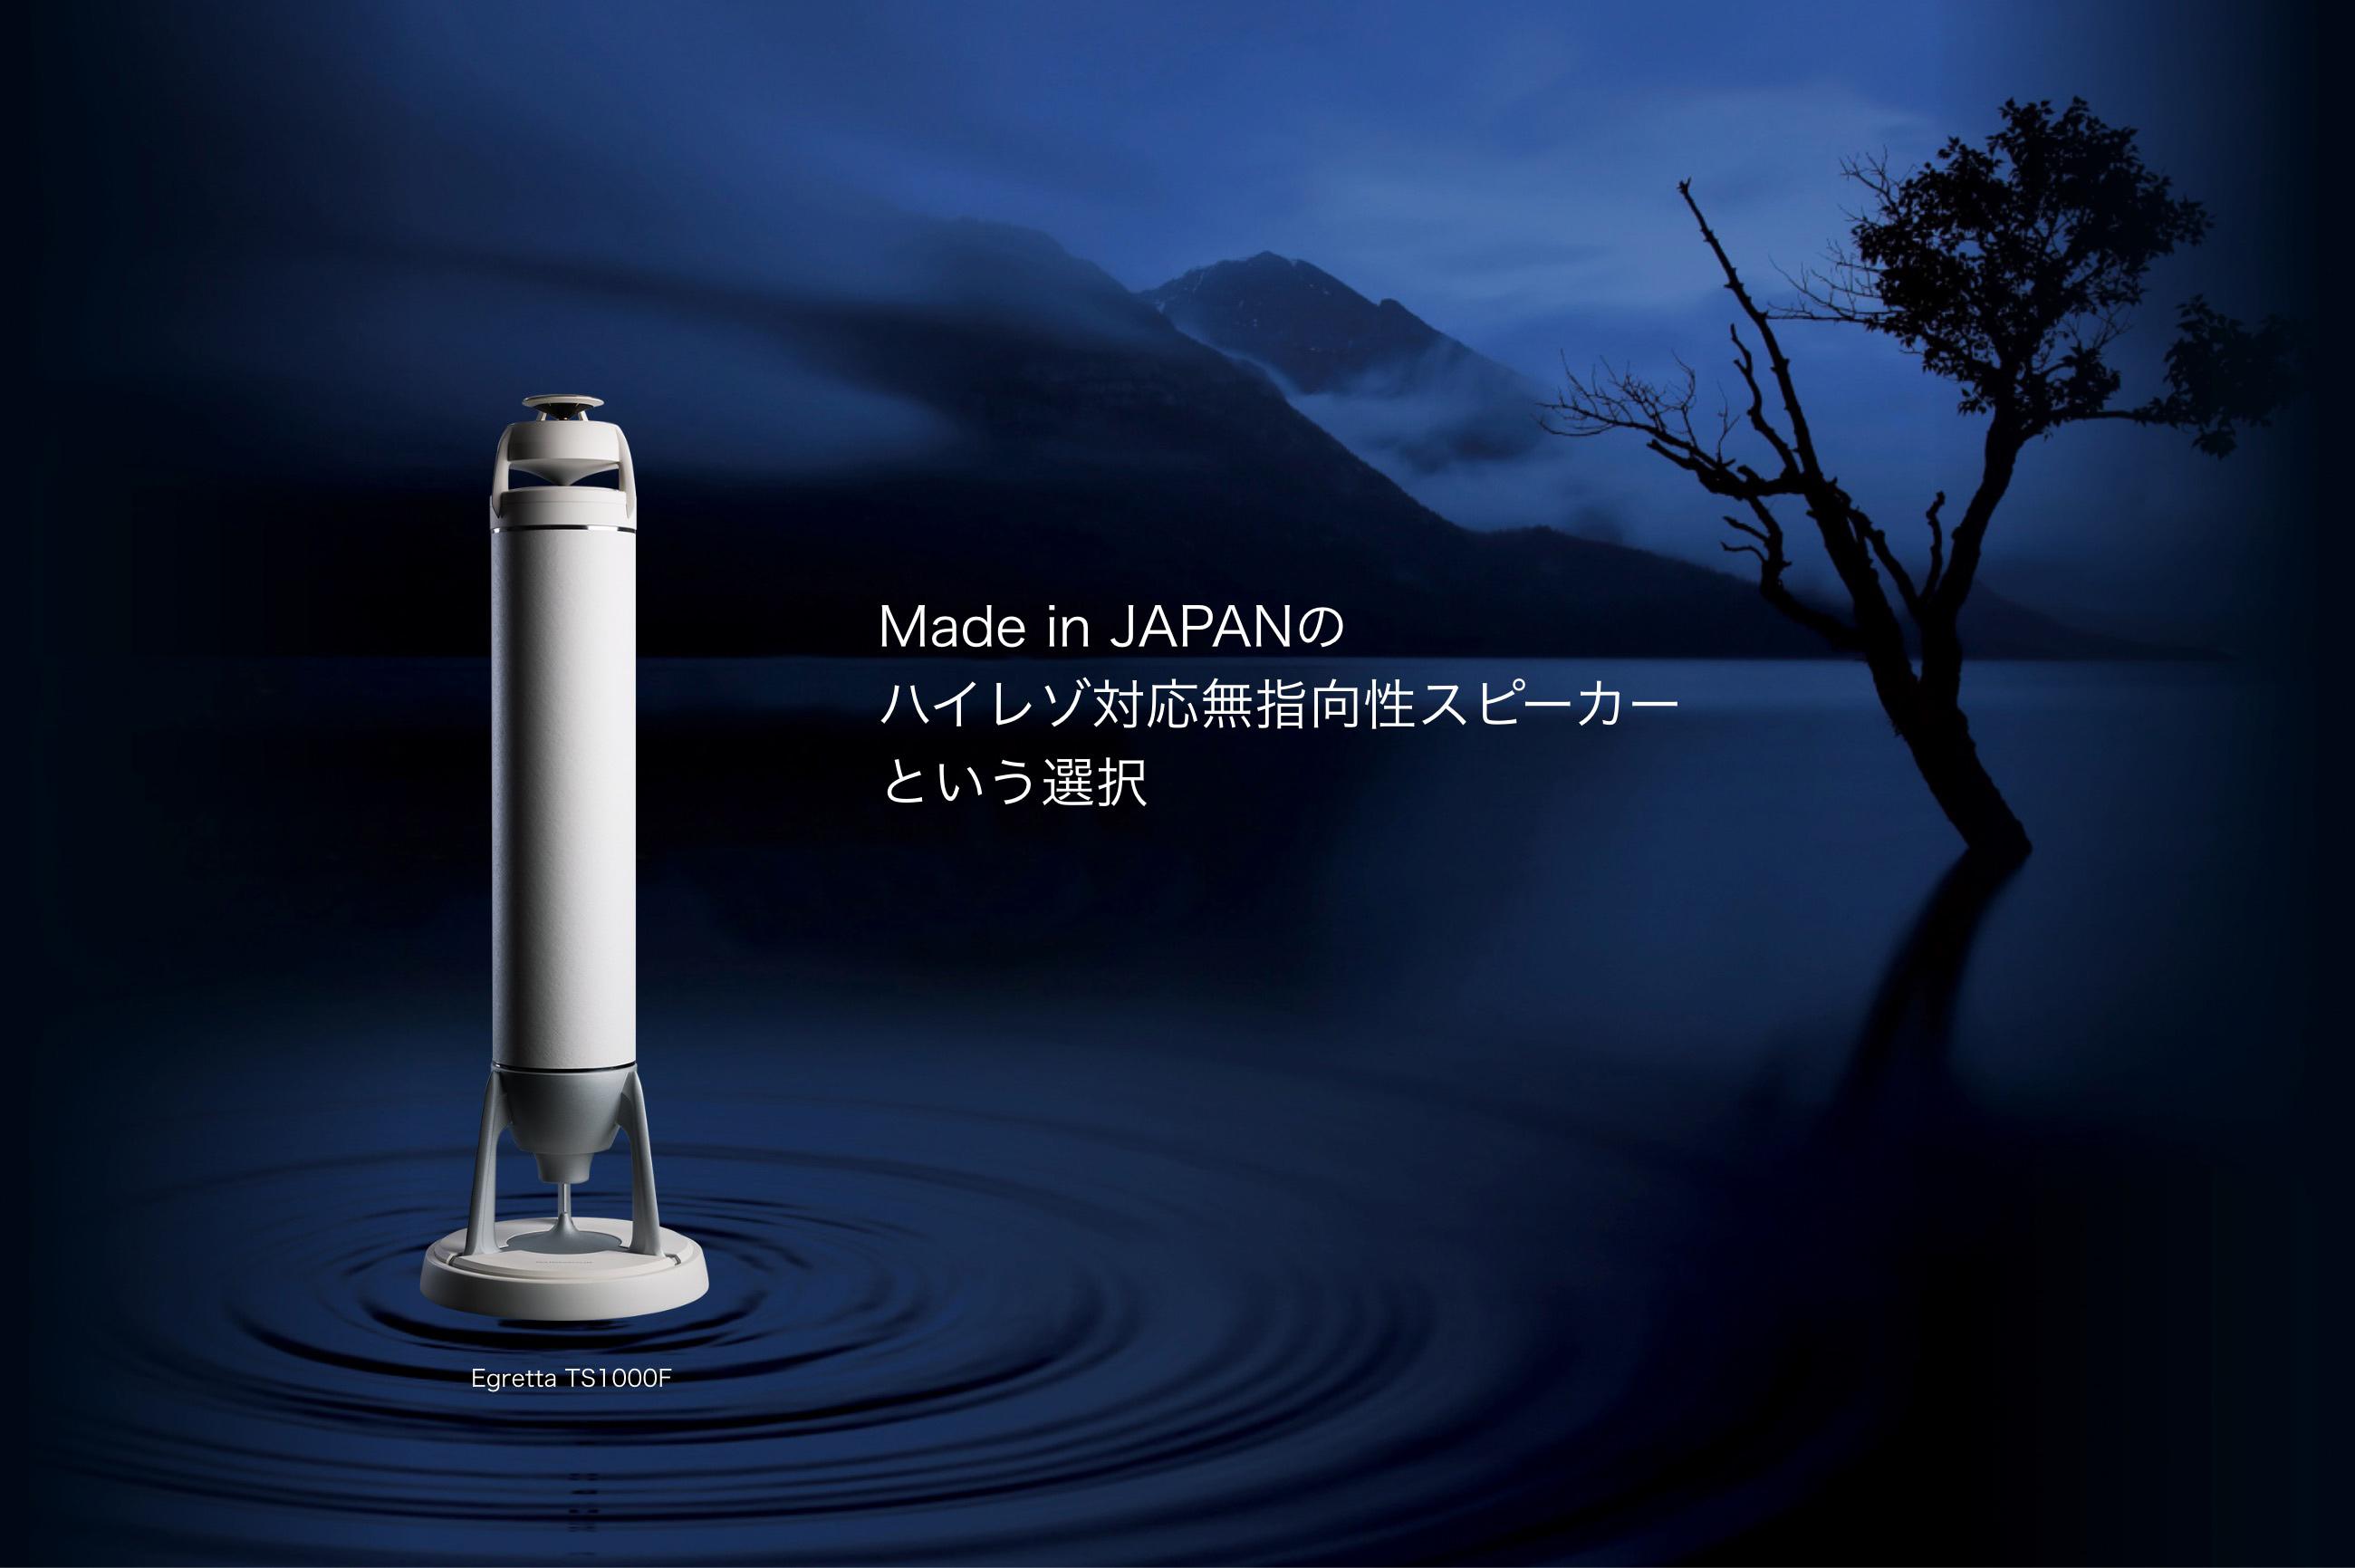 Made in JAPANのハイレゾ対応無指向性スピーカーという選択